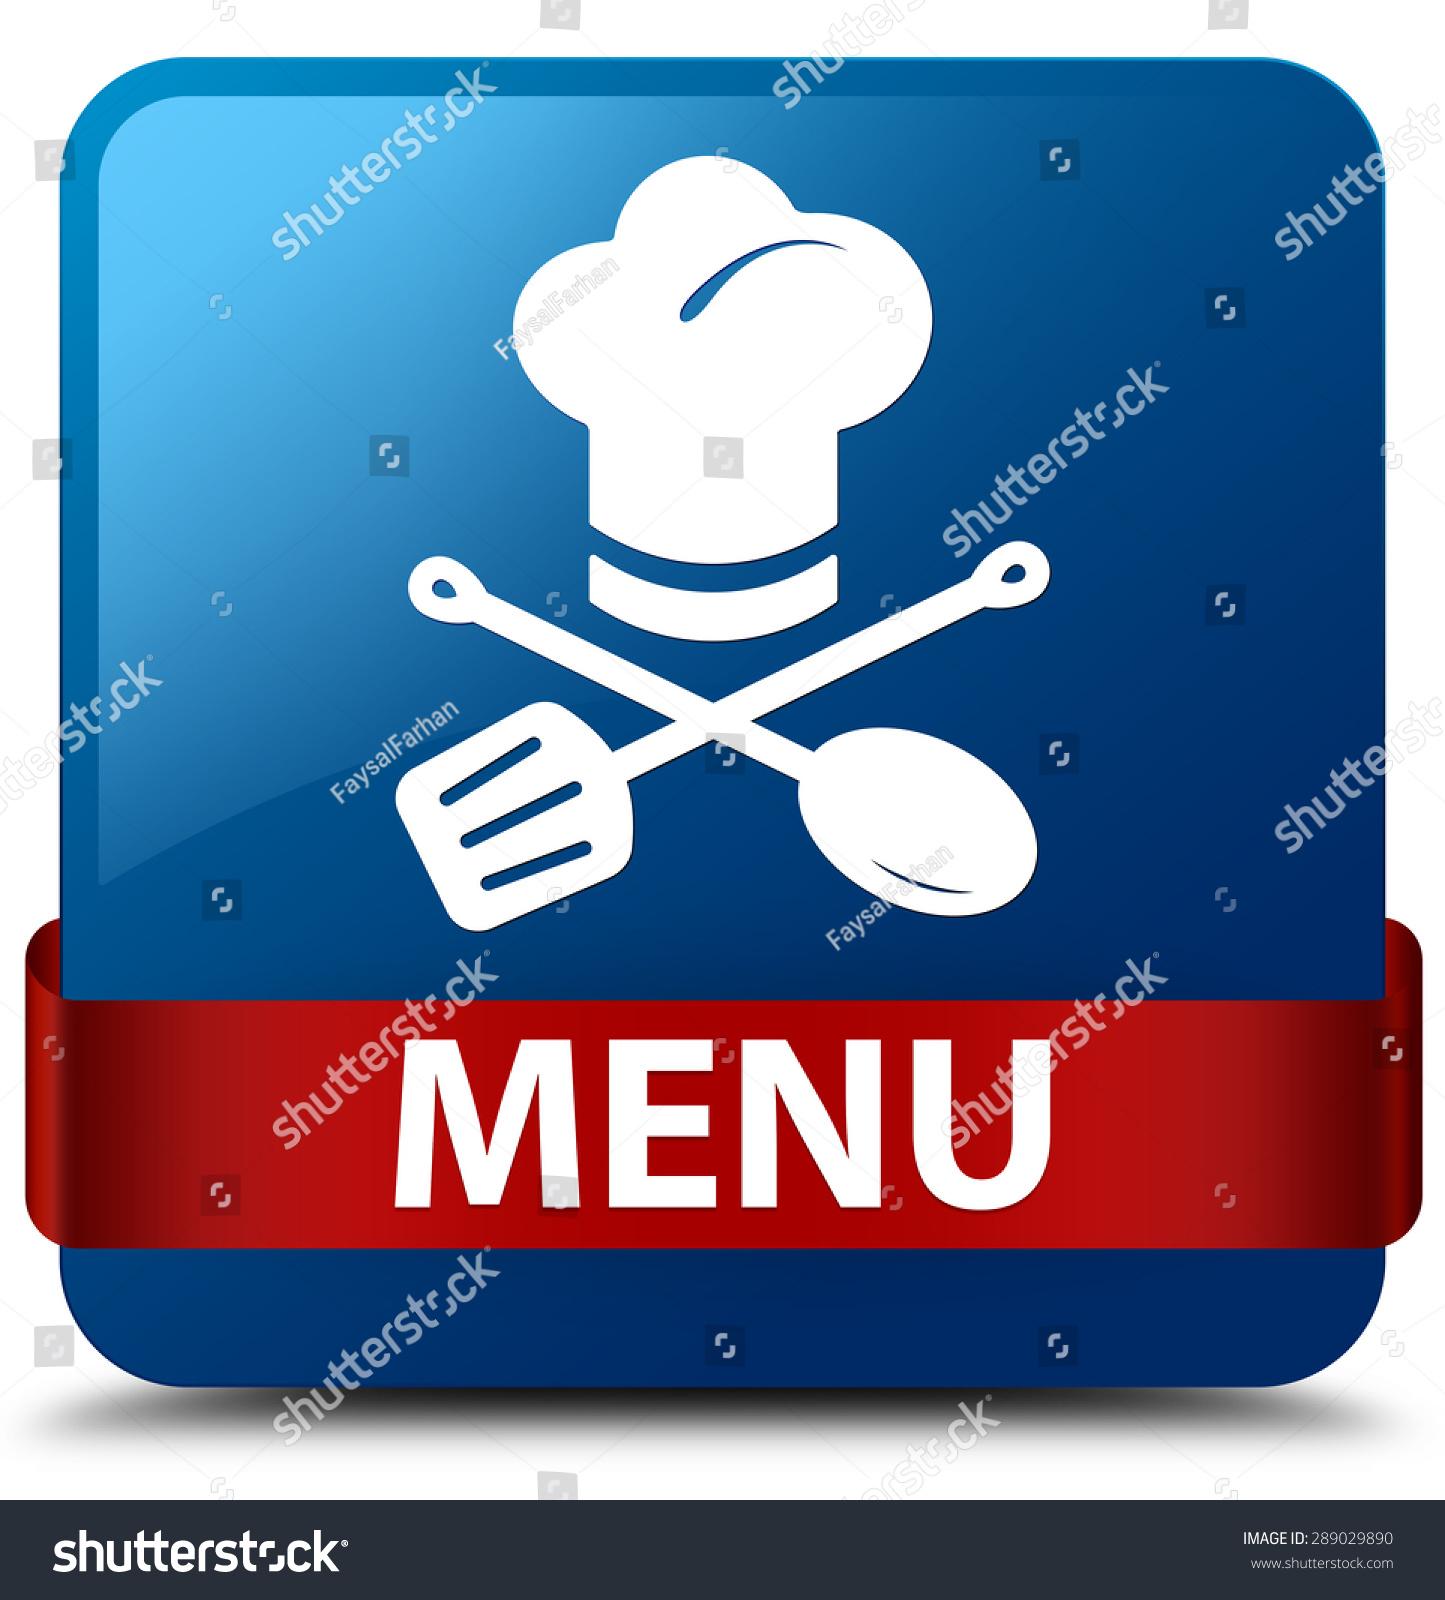 菜单(餐厅图标)蓝色正方形按钮-食品及饮料,符号/标志